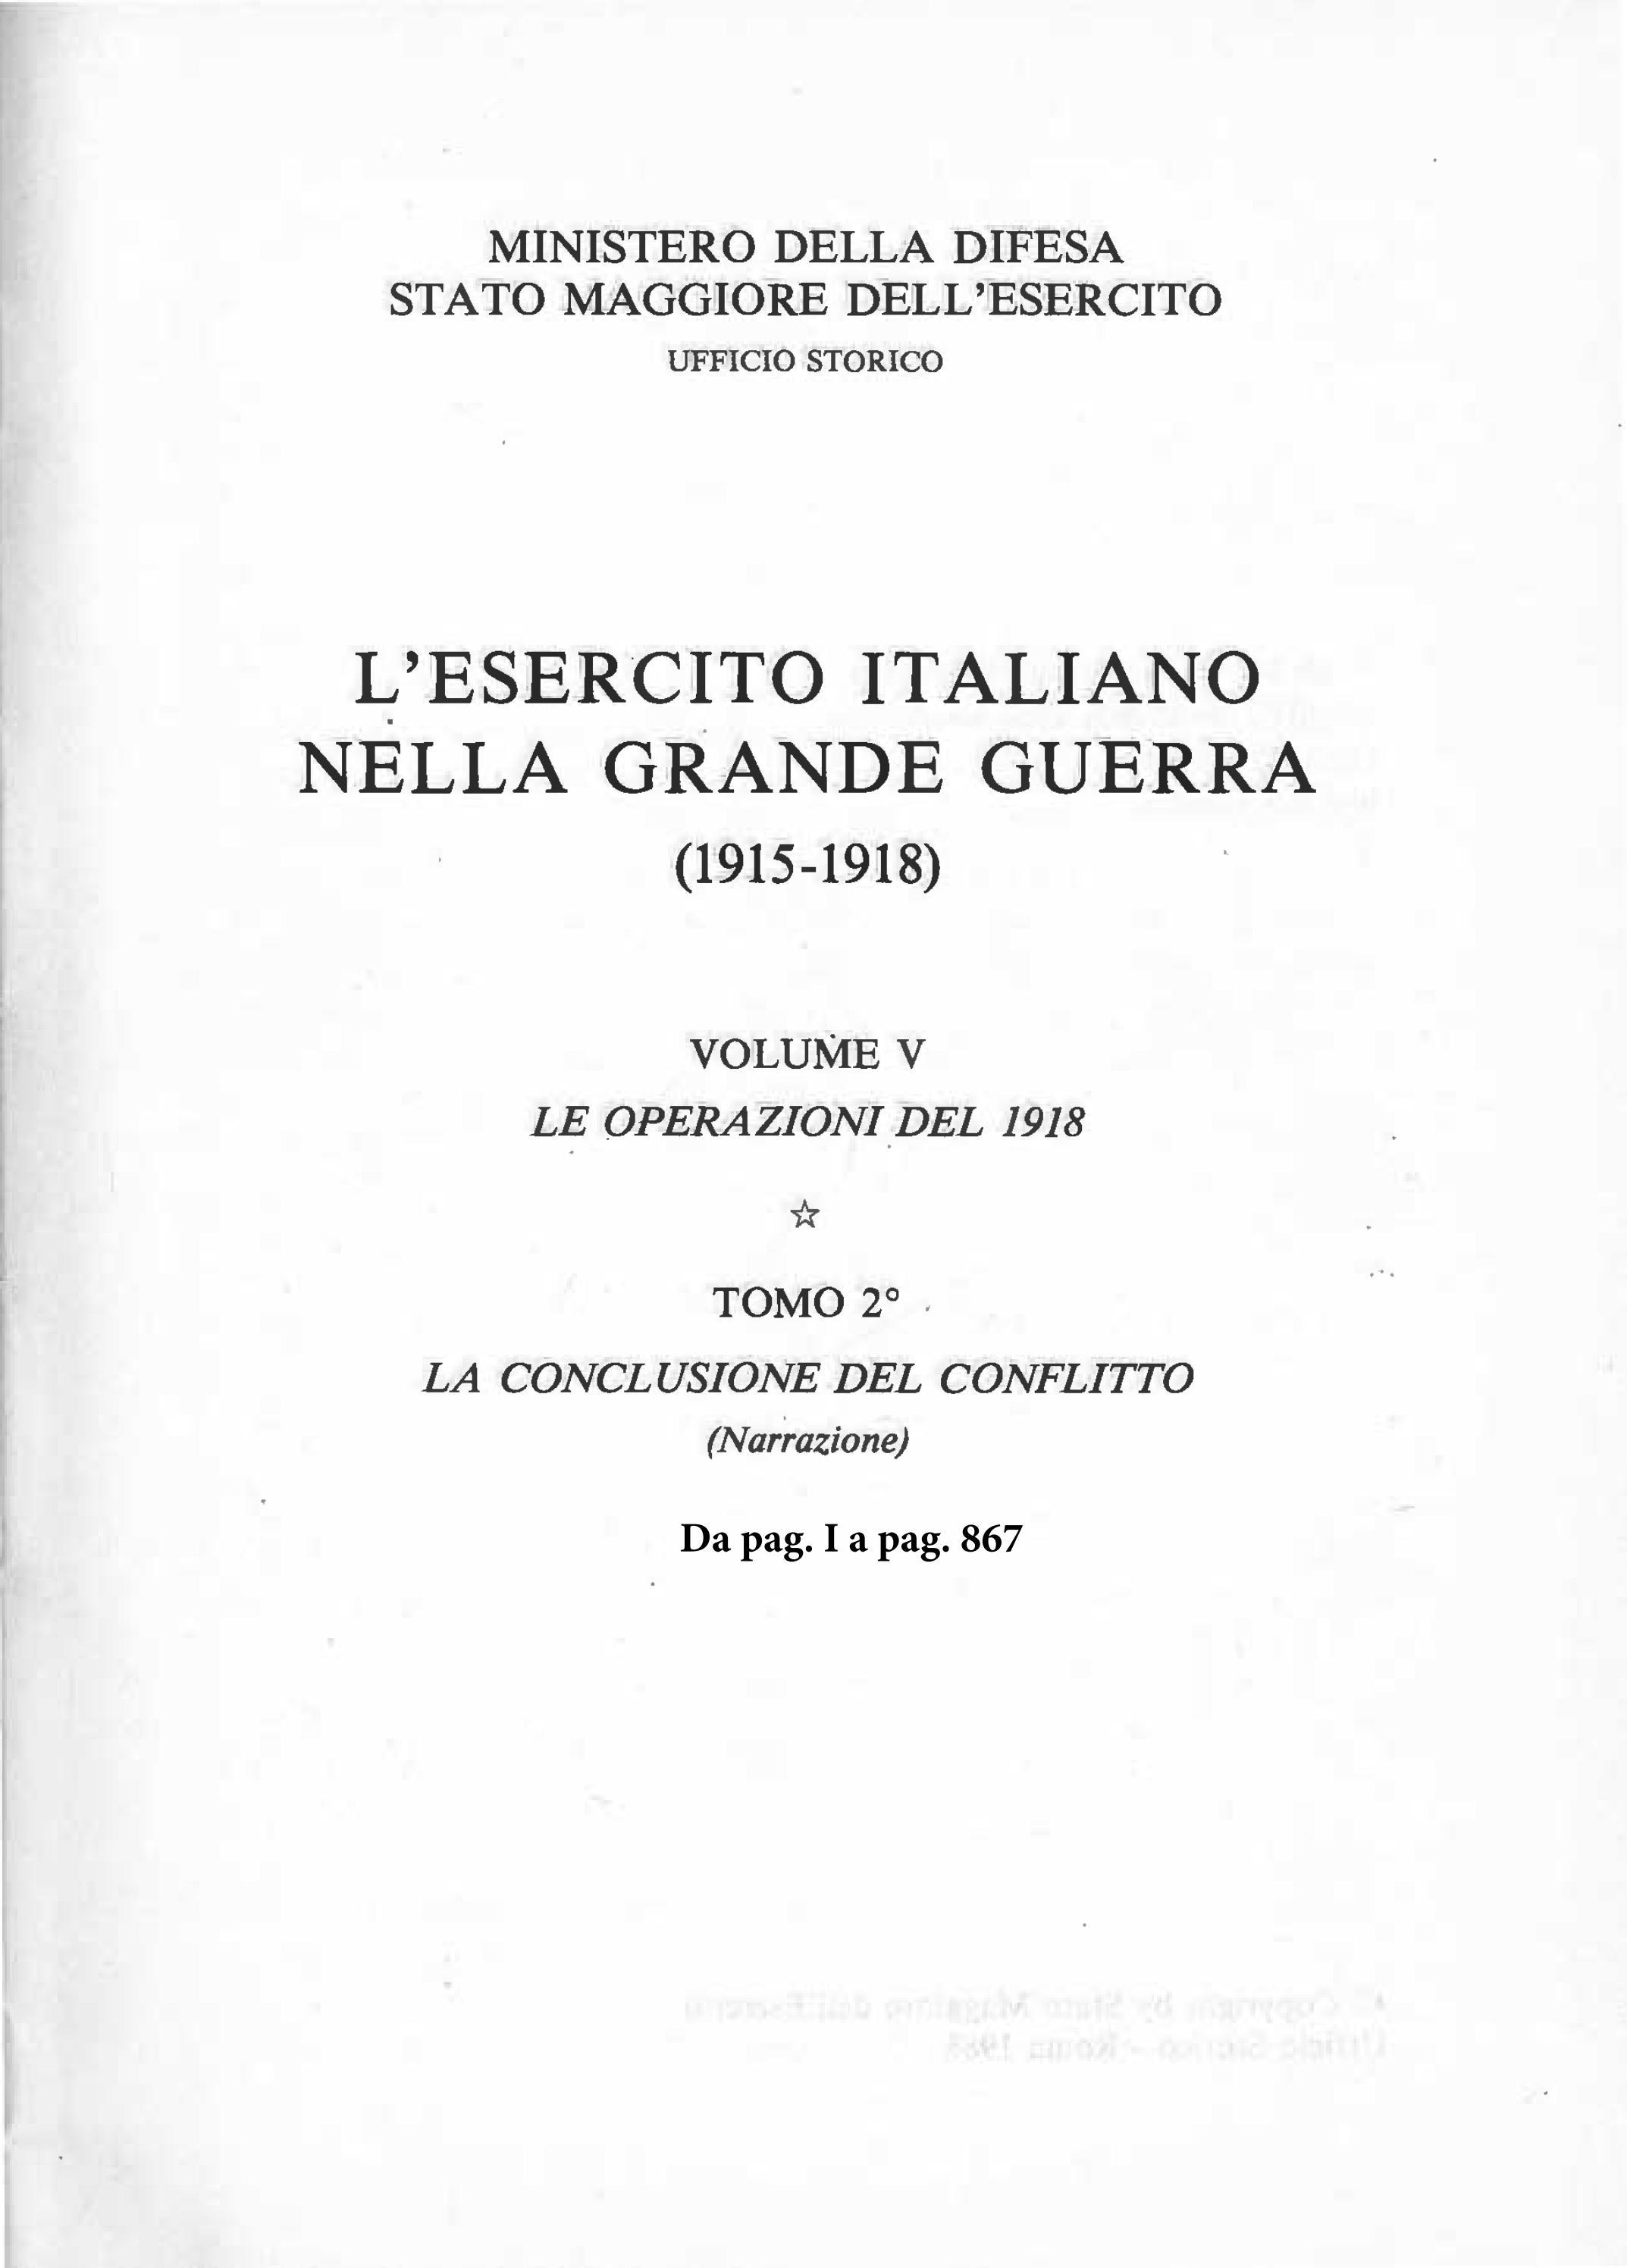 L ESERCITO ITALIANO NELLA GRANDE GUERRA- VOL.V tomo 2 by Biblioteca  Militare - issuu 8b1080d256f5